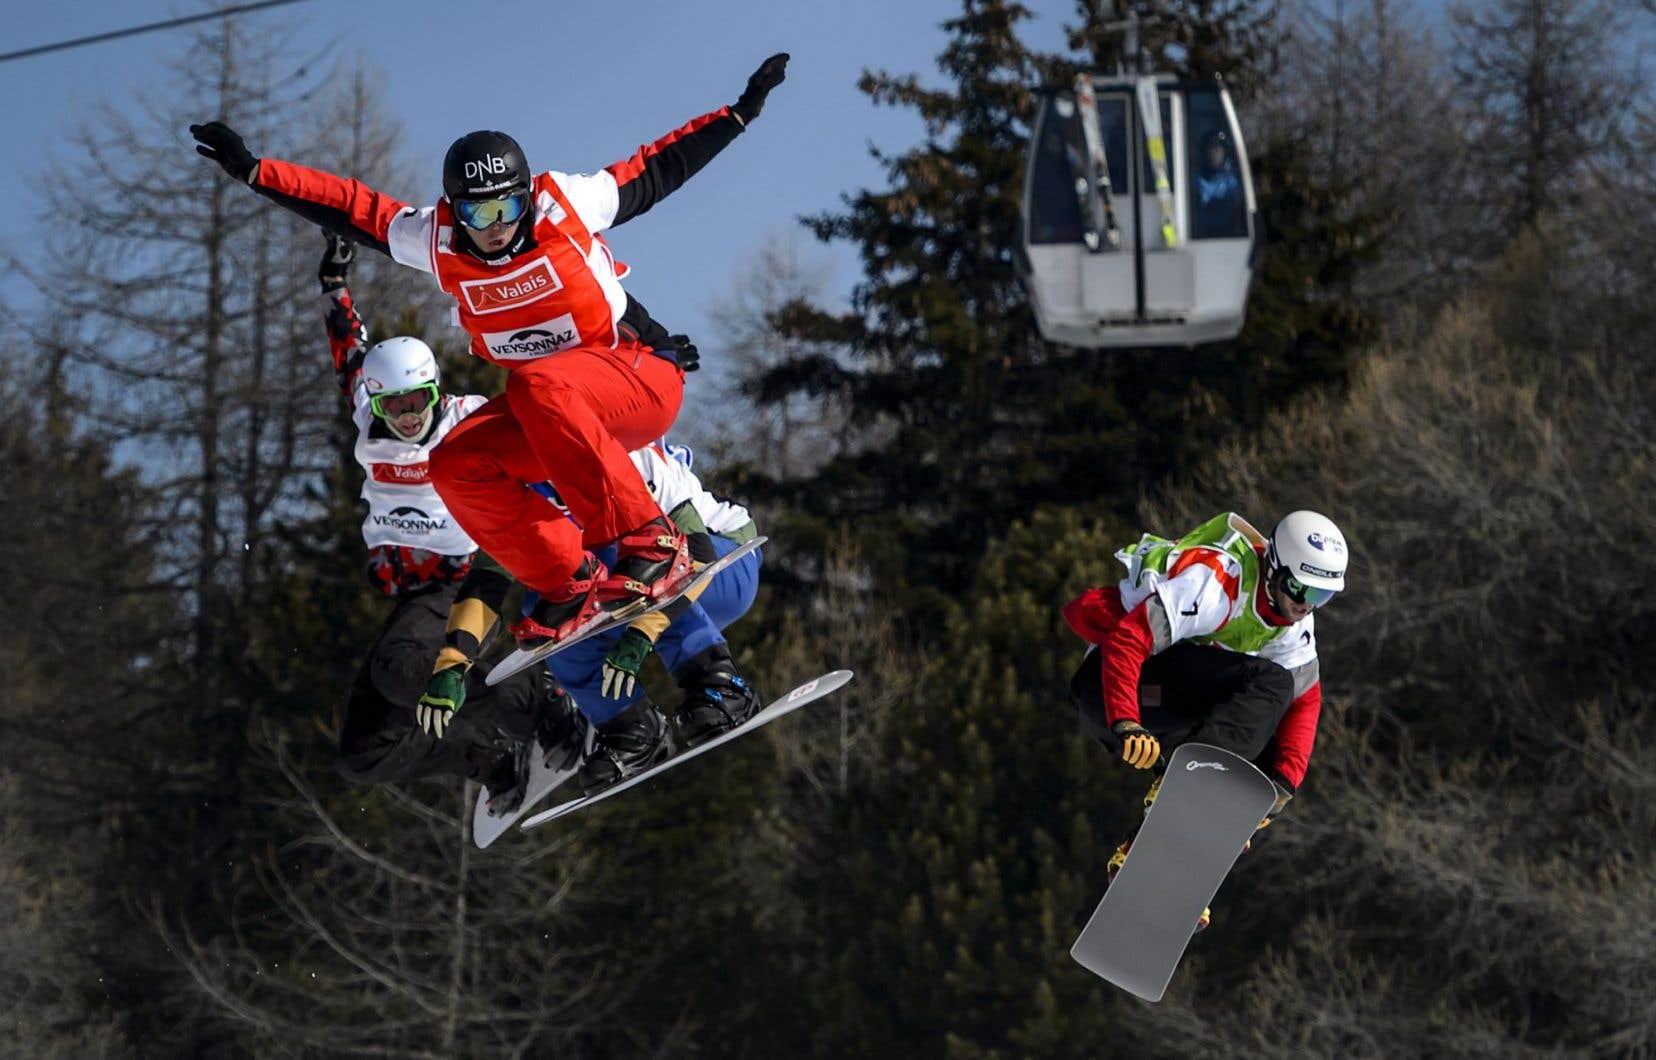 Kevin Hill, Stian Sivertzen et Lucas Eguibar à Veysonnaz, en Suisse, le 14 mars dernier